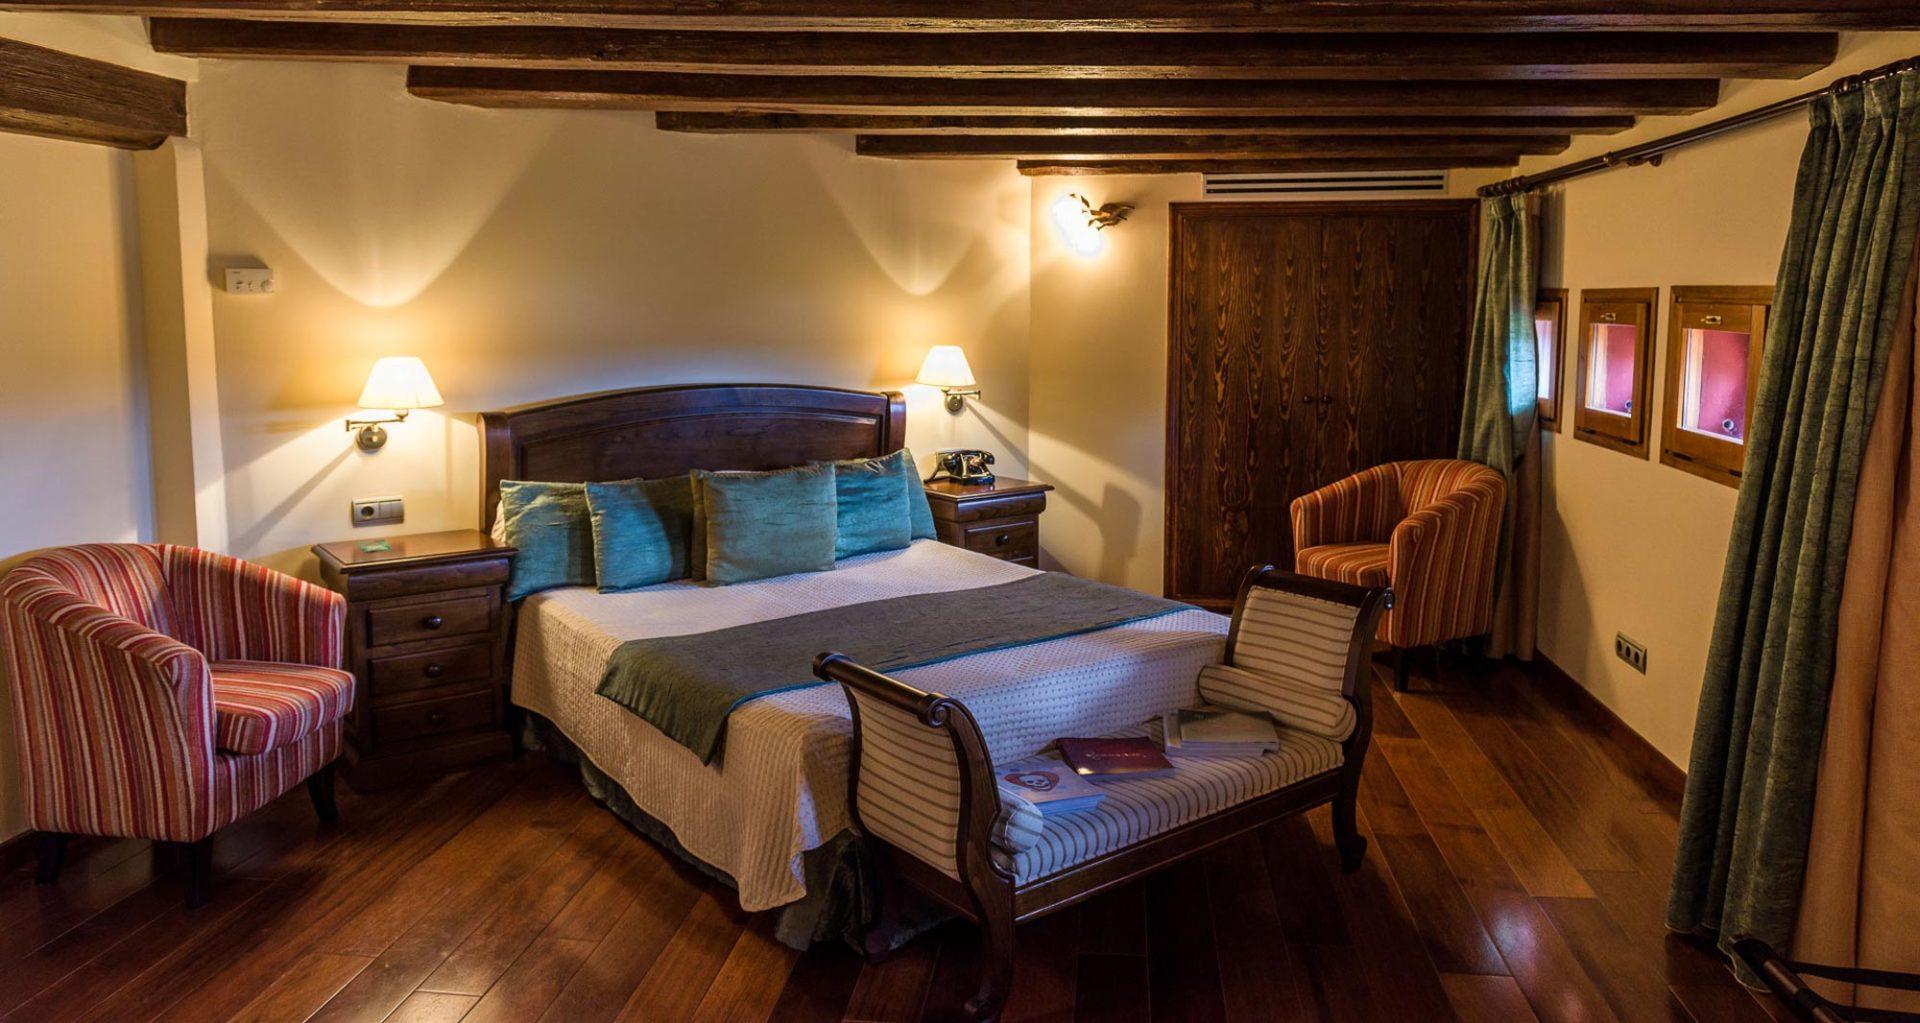 Hotel-Villa-Retiro-Escapada-Weekend-Fin-de-semana-romantico-Ebre-Xerta-1